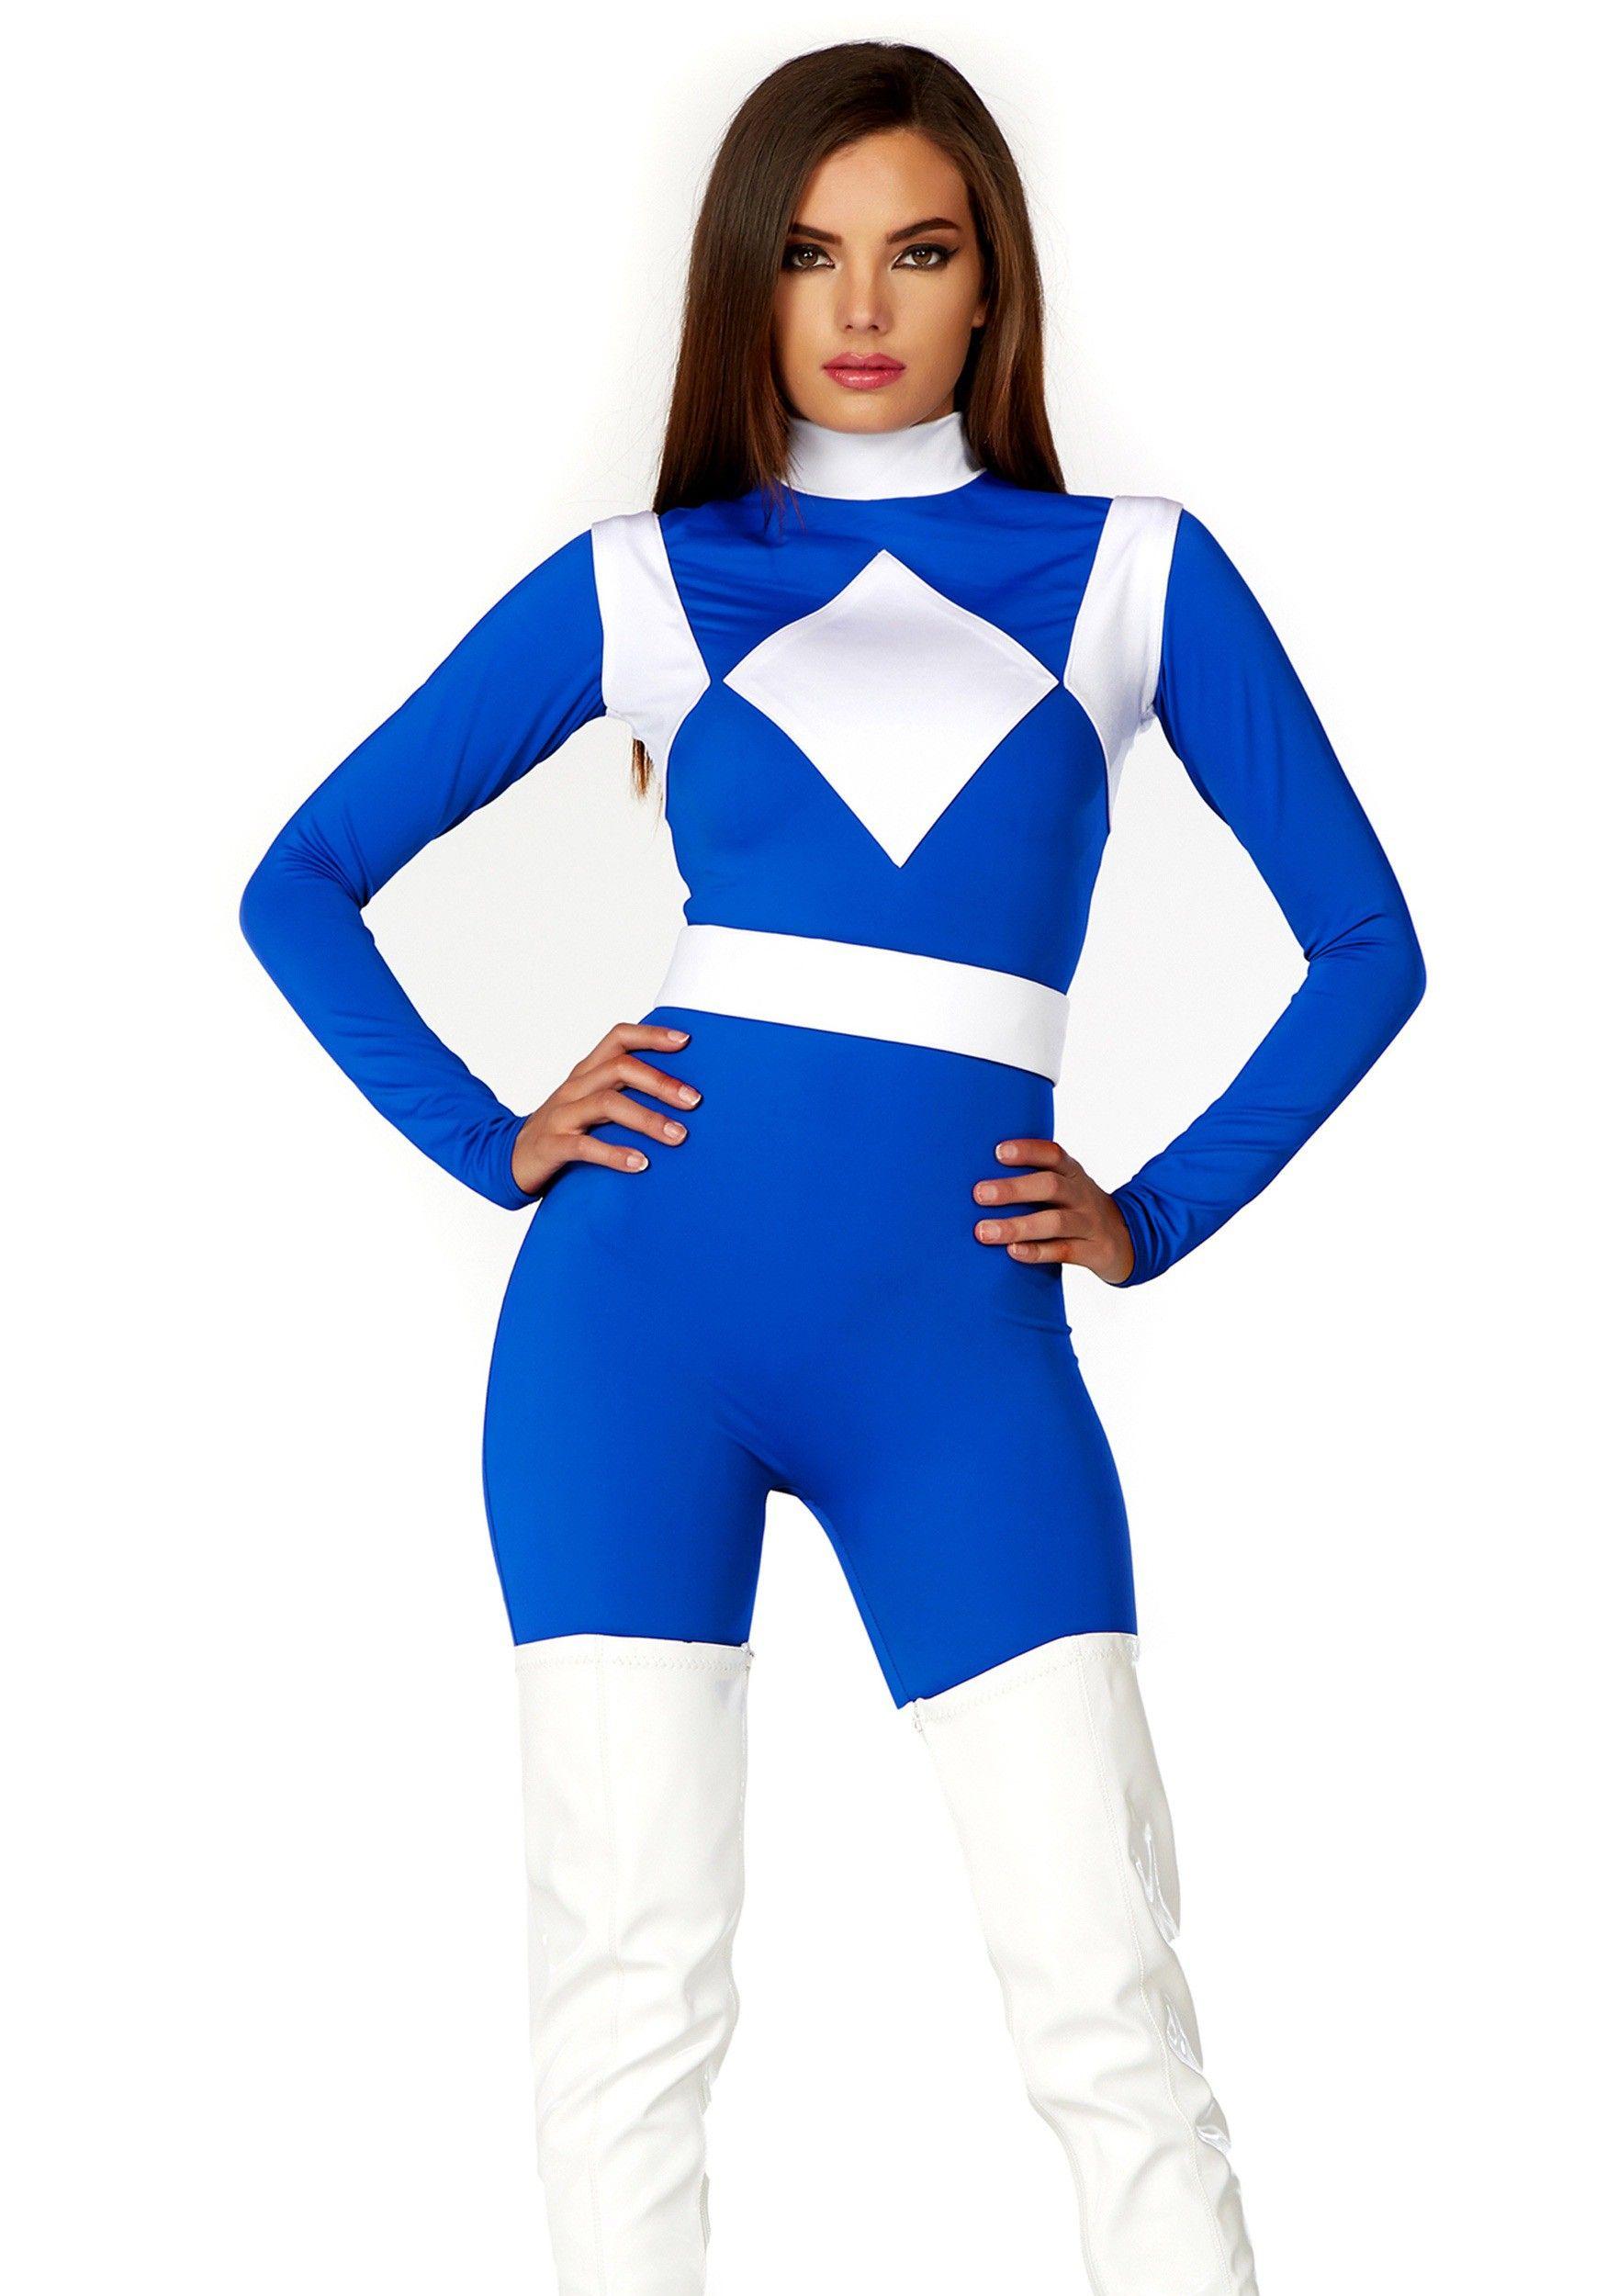 image result for blue power ranger costume blue costumes. Black Bedroom Furniture Sets. Home Design Ideas